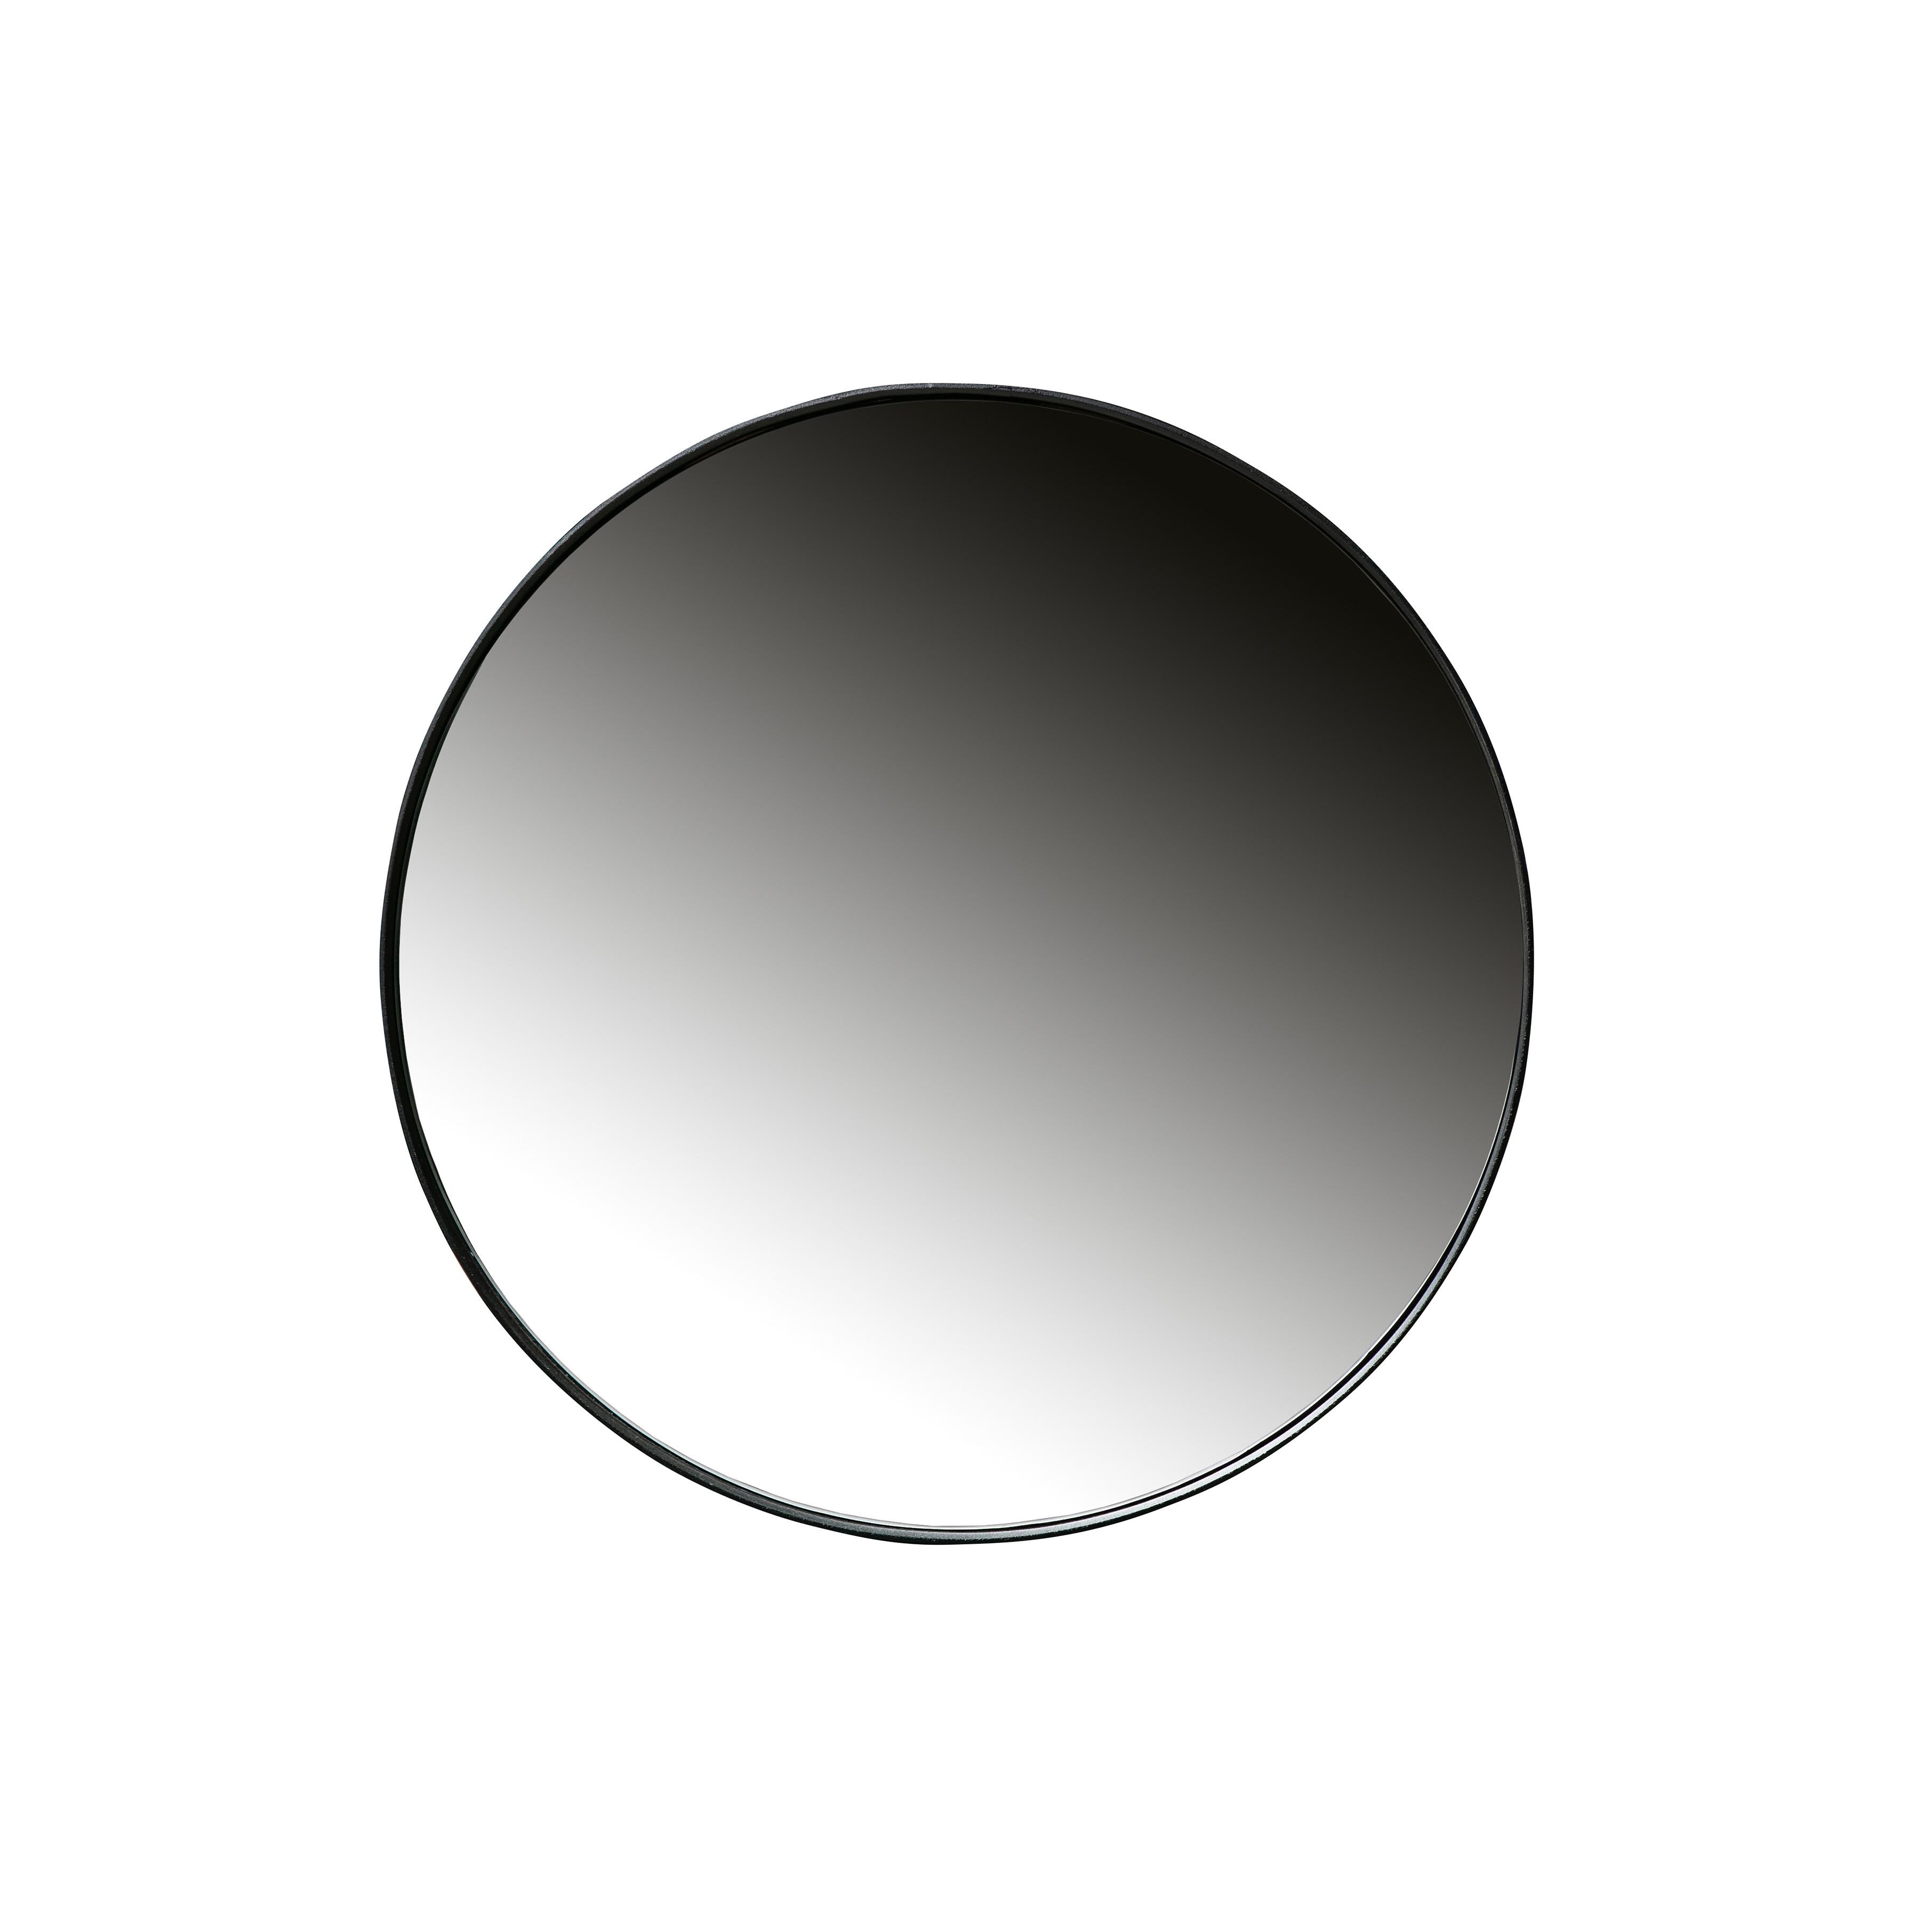 Spiegel Doutzen 80 cm   Metall   Schwarz